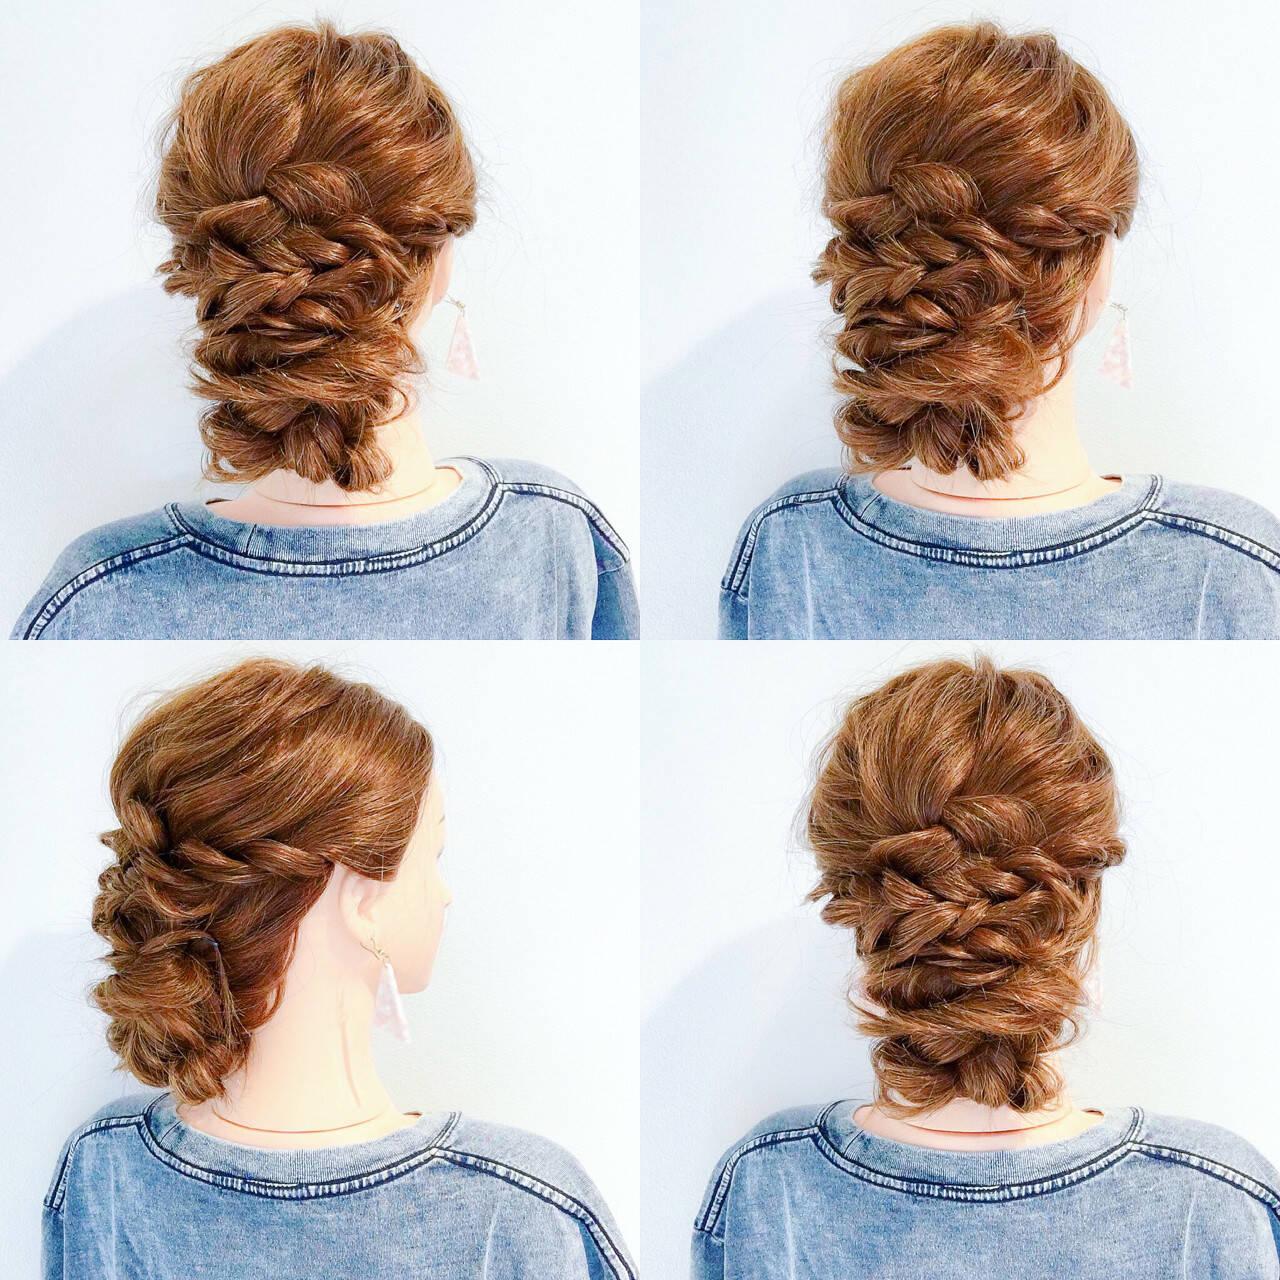 夏 ヘアアレンジ 涼しげ ロングヘアスタイルや髪型の写真・画像